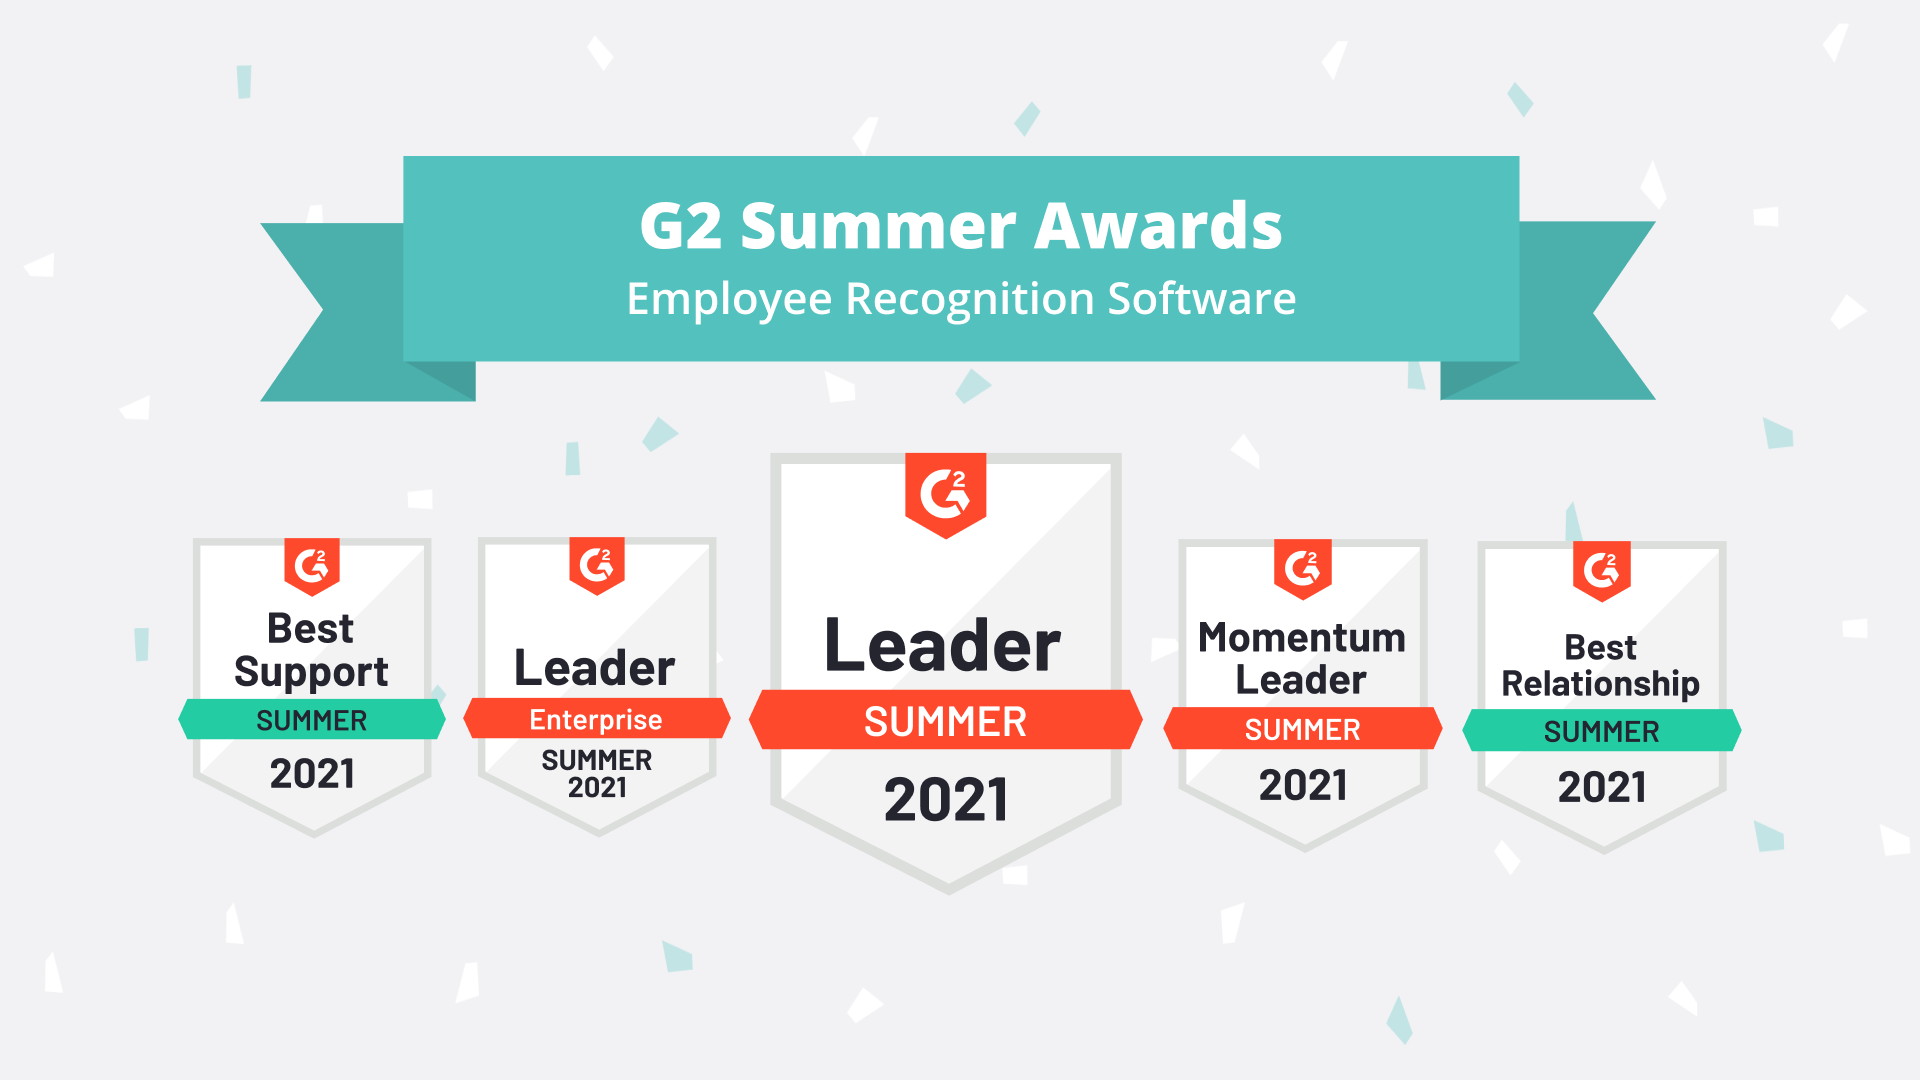 G2 2021 Summer Awards